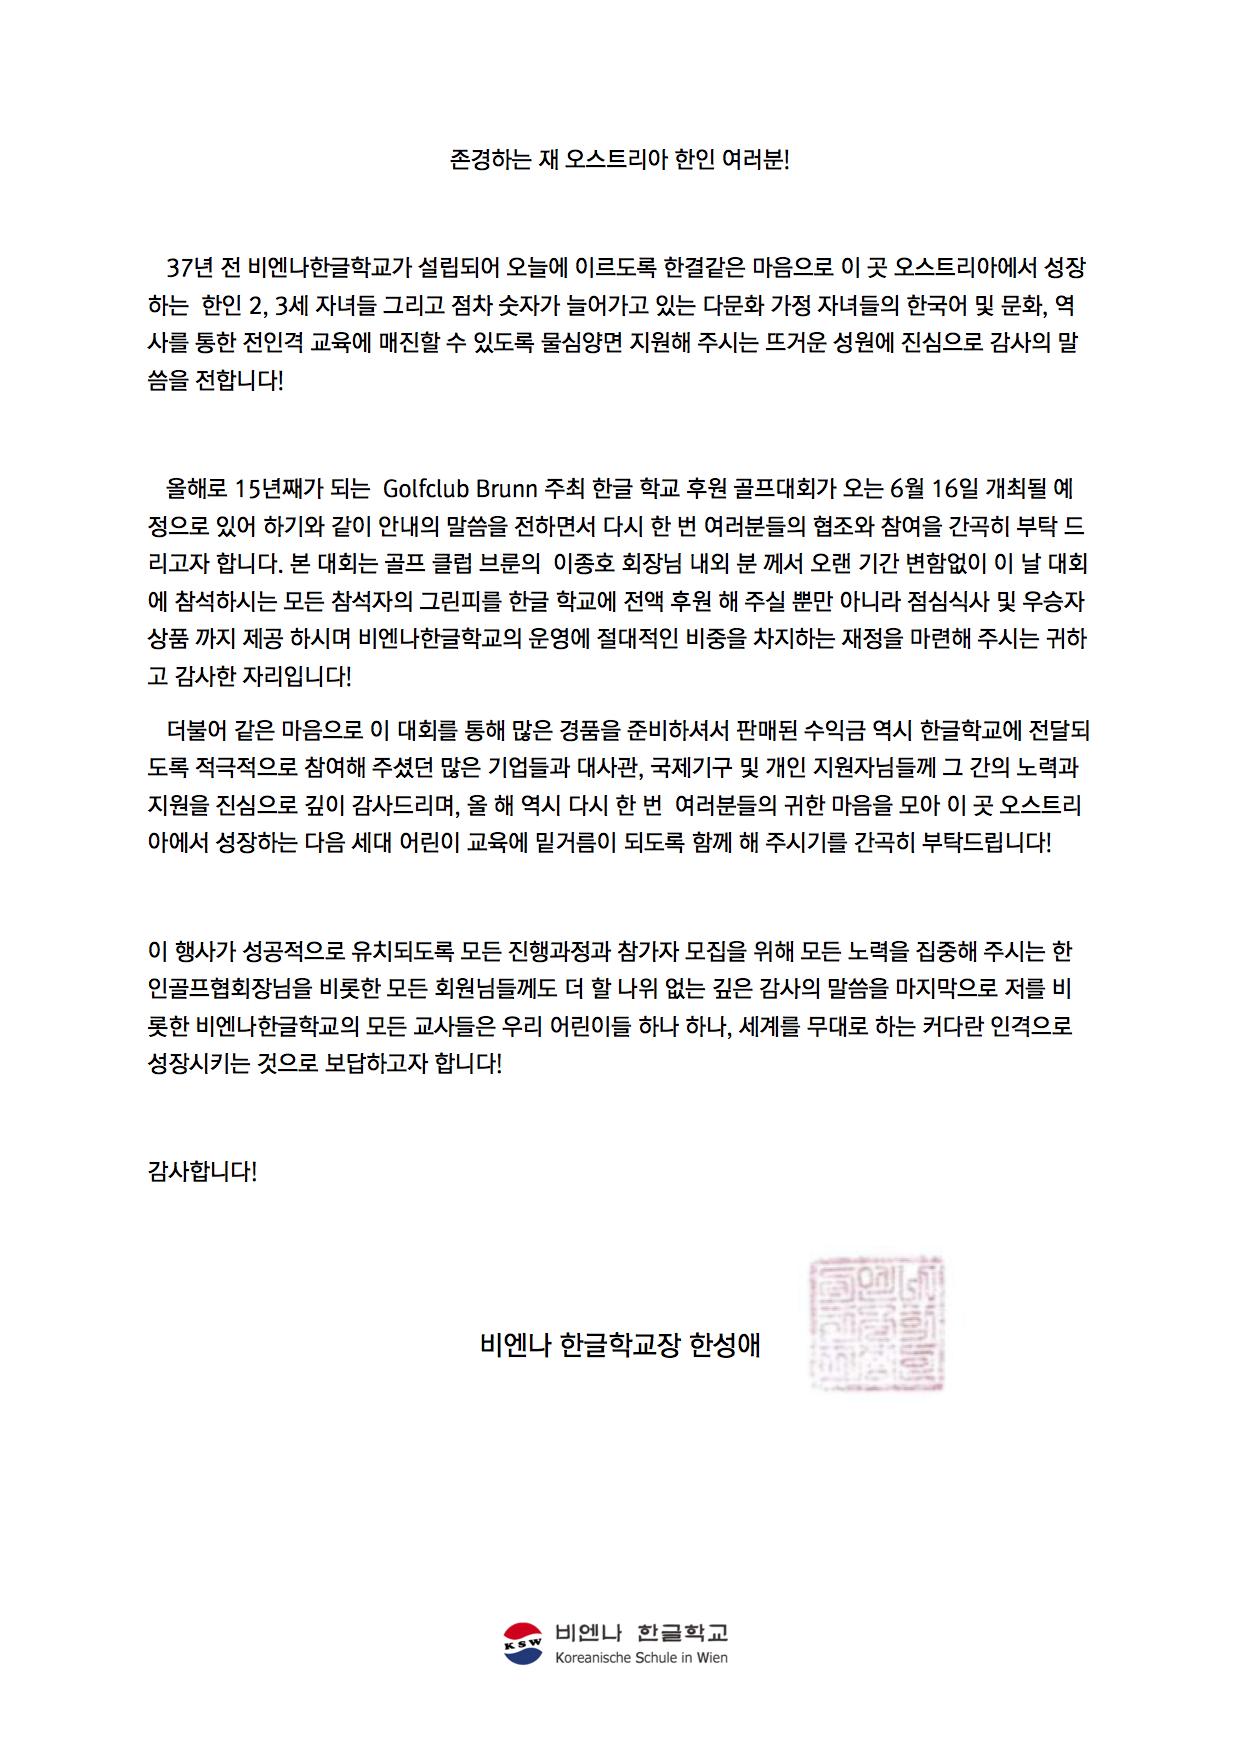 2018년 후원골프대회 공지.png